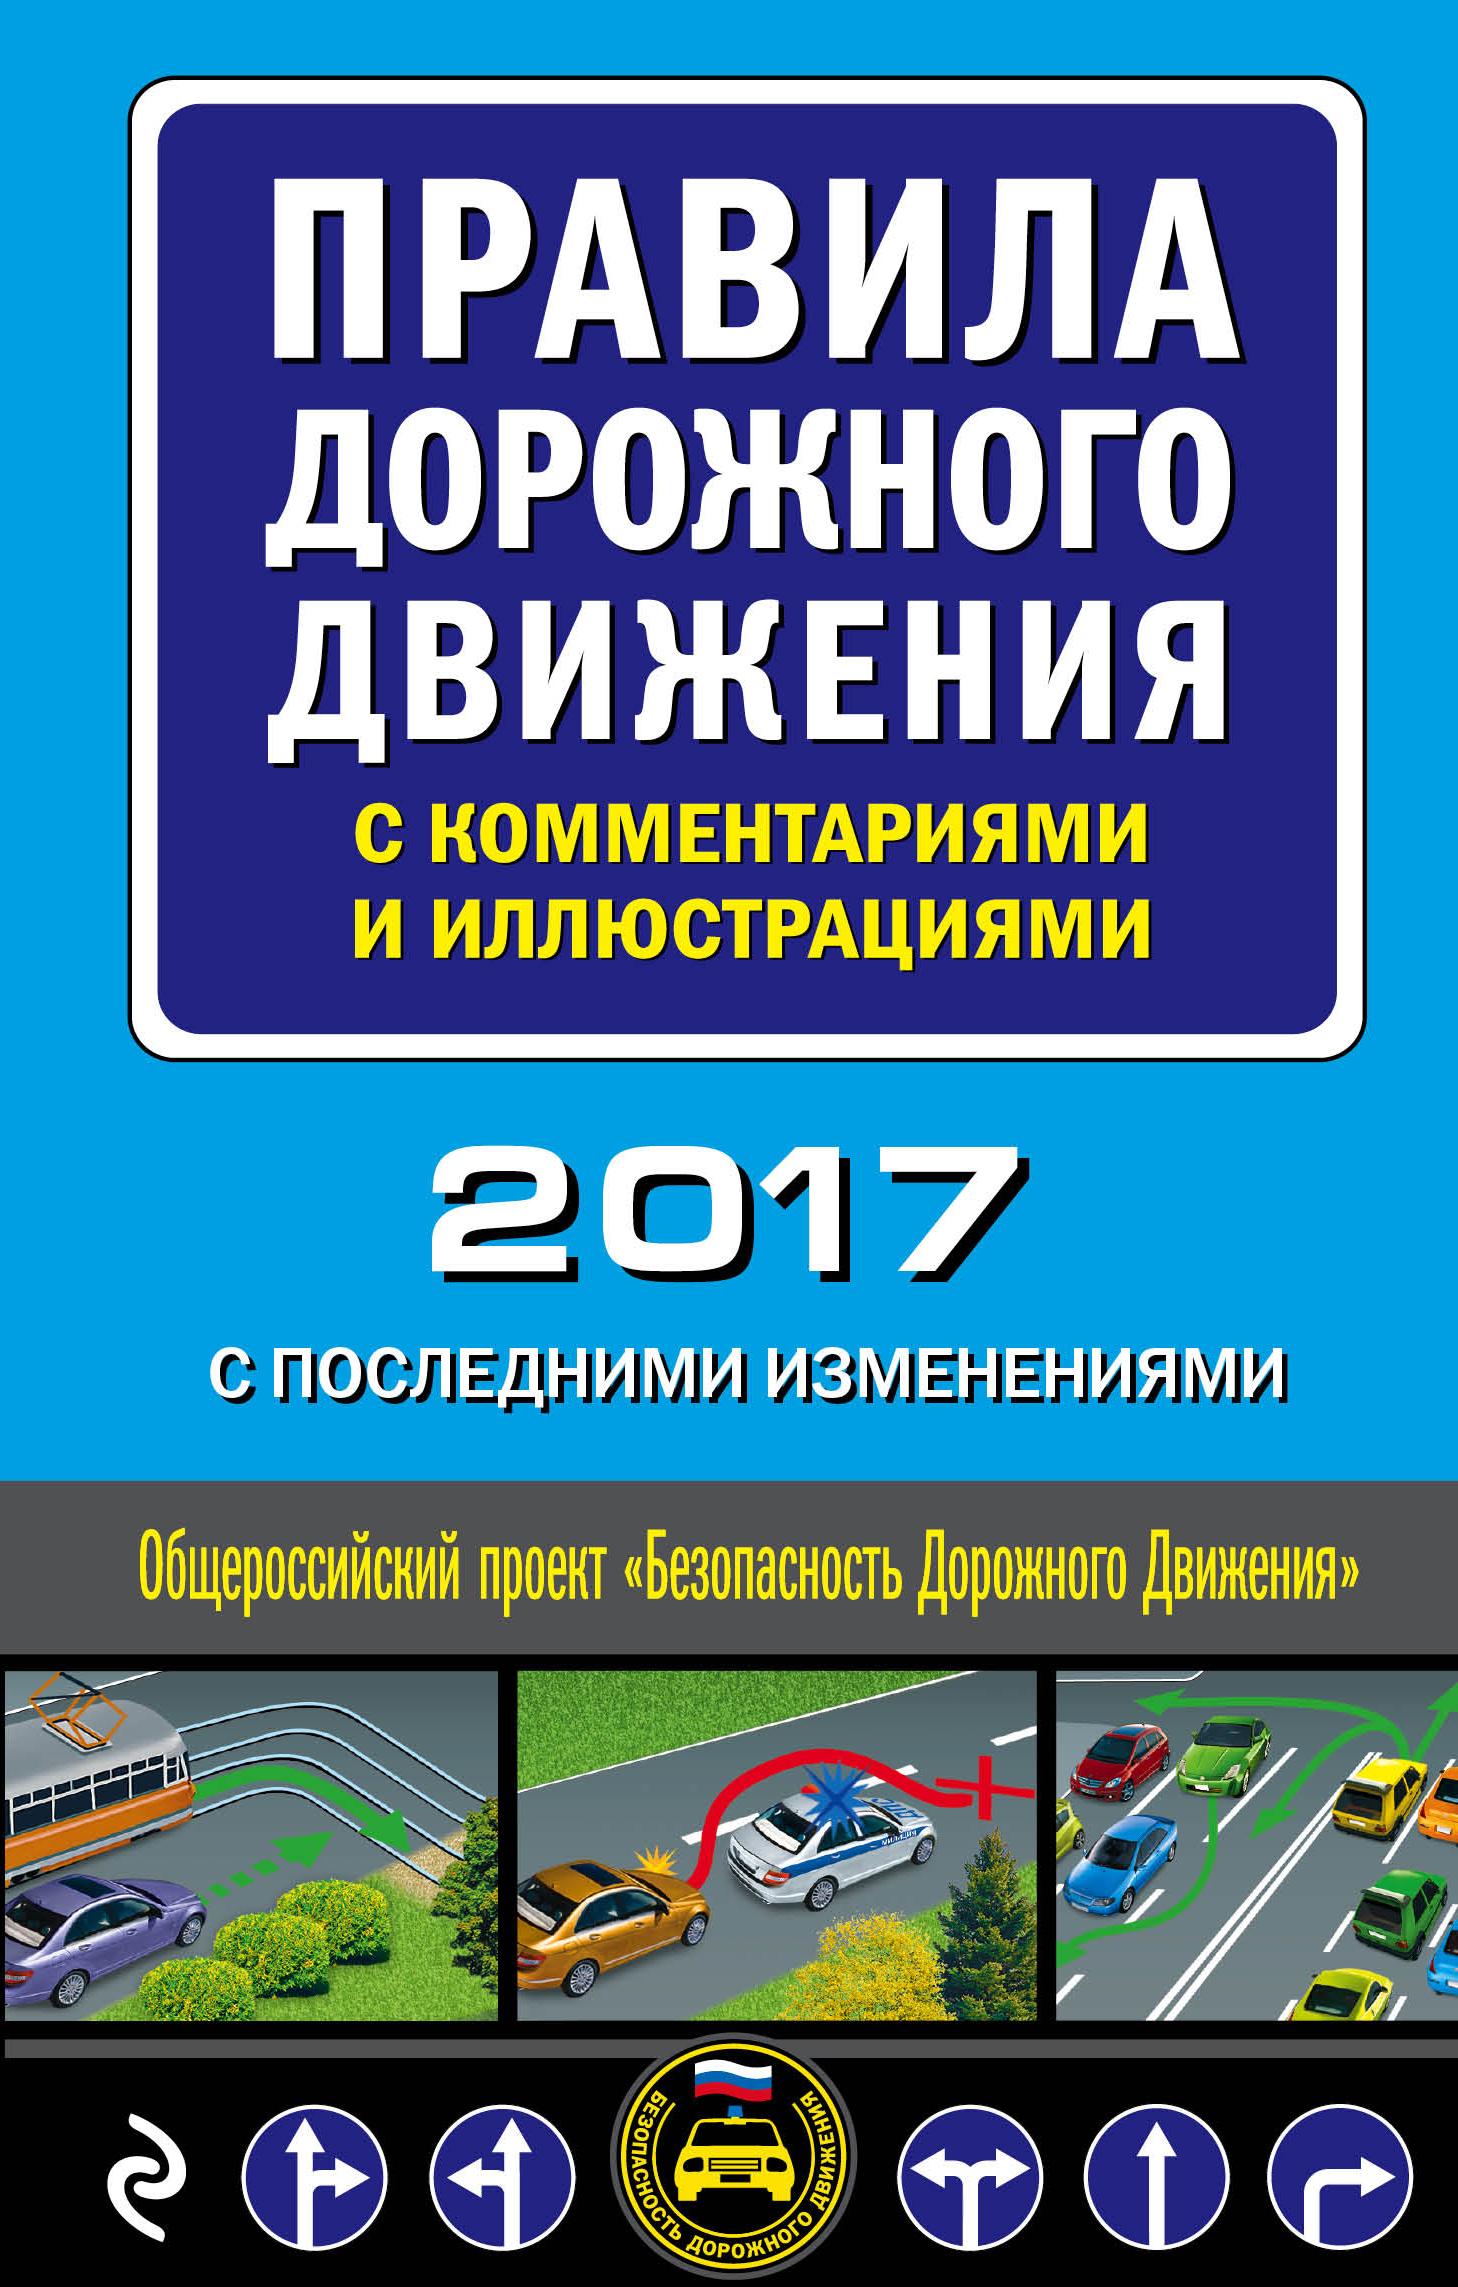 А. В. Меркурьева Правила дорожного движения с комментариями и иллюстрациями (с последними изменениями на 2017 год)